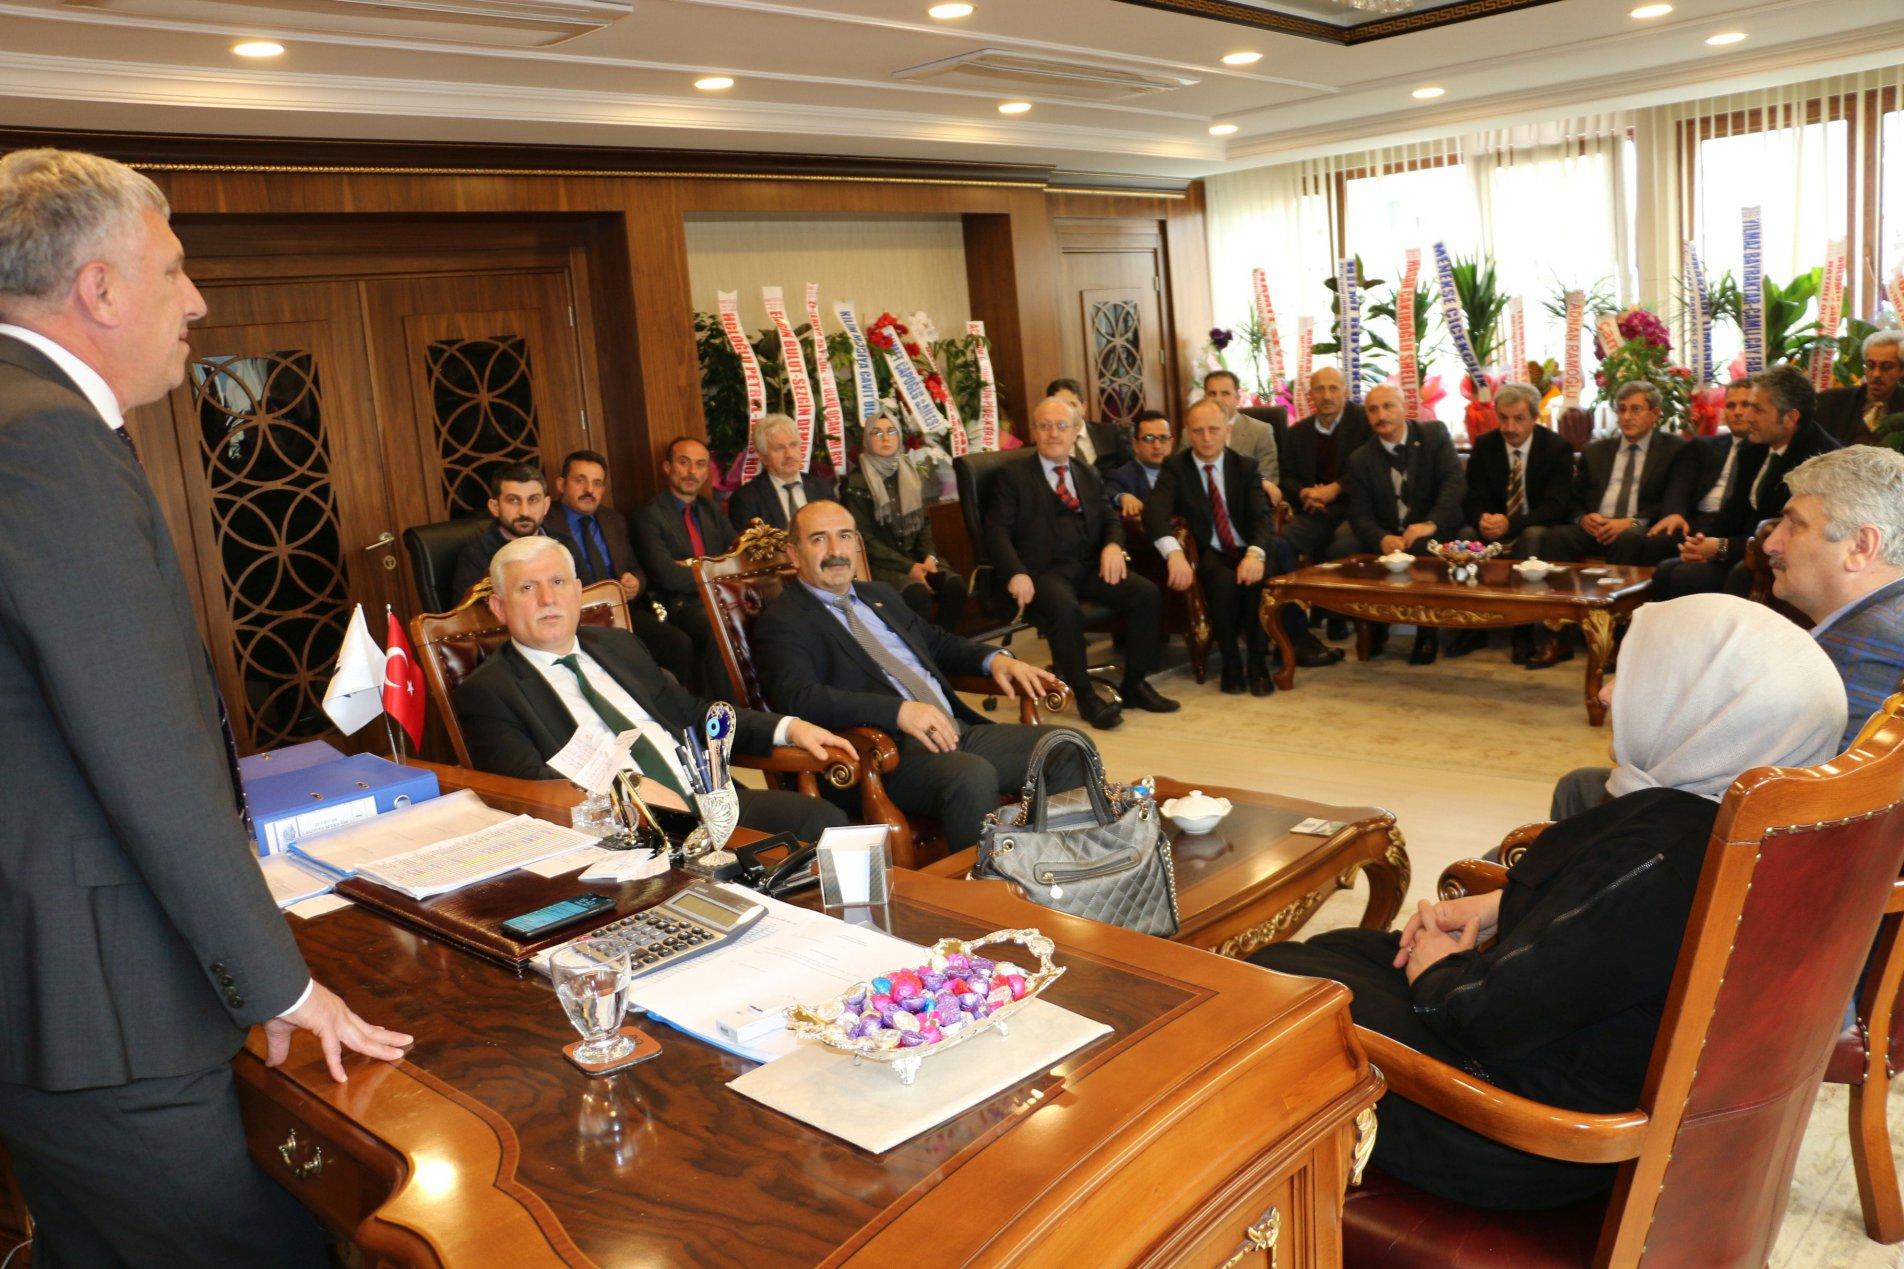 Müdür Kabahasanoğlu ve ekibinden Başkan Sarıalioğlu'na hayırlı olsun ziyareti